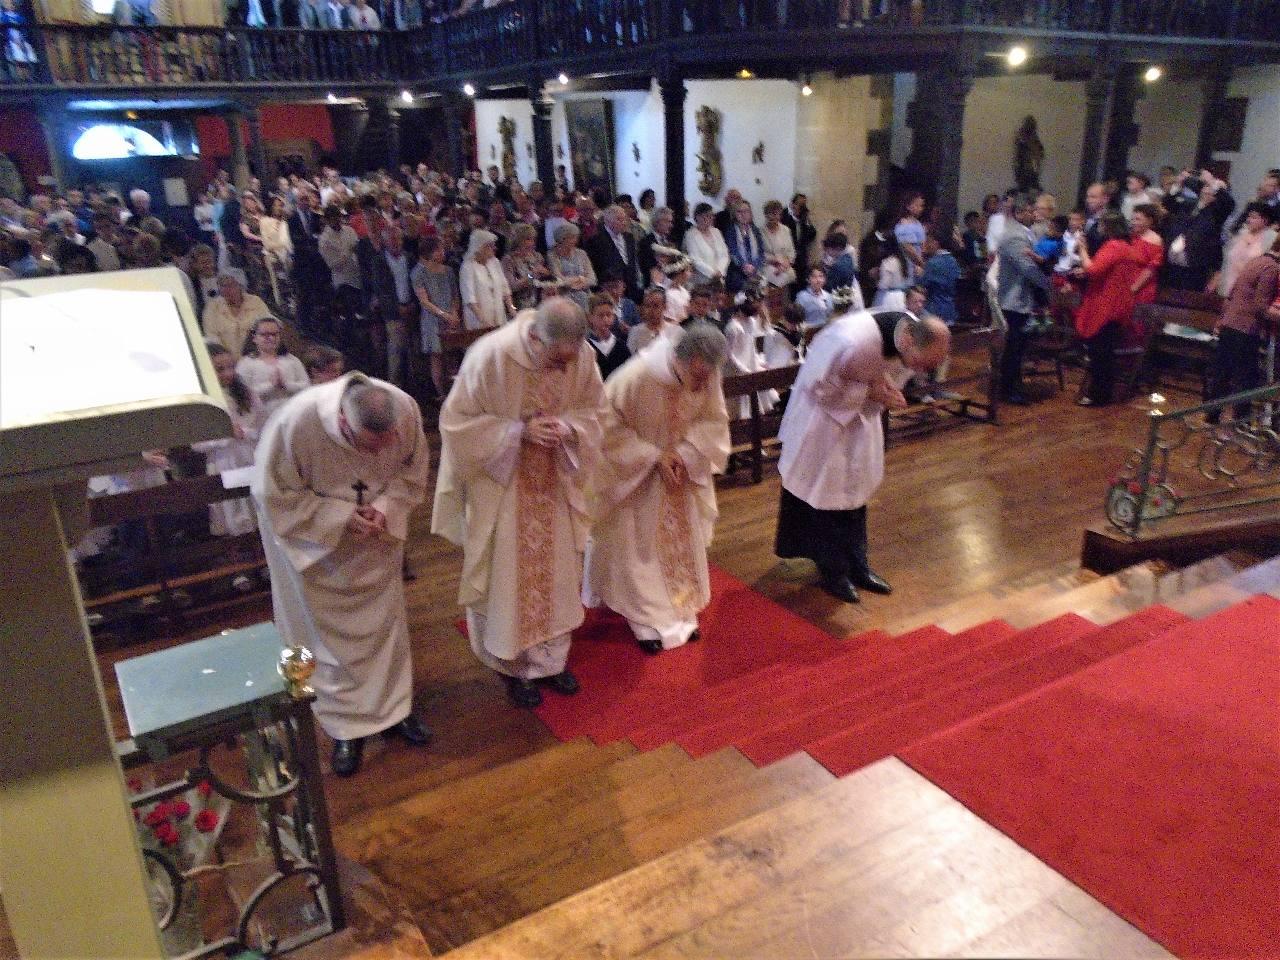 S'incliner devant l'autel, c'est saluer le Christ qui est à la fois, le prêtre, l'autel et la victime. Humilité devant ce qui nous dépasse.